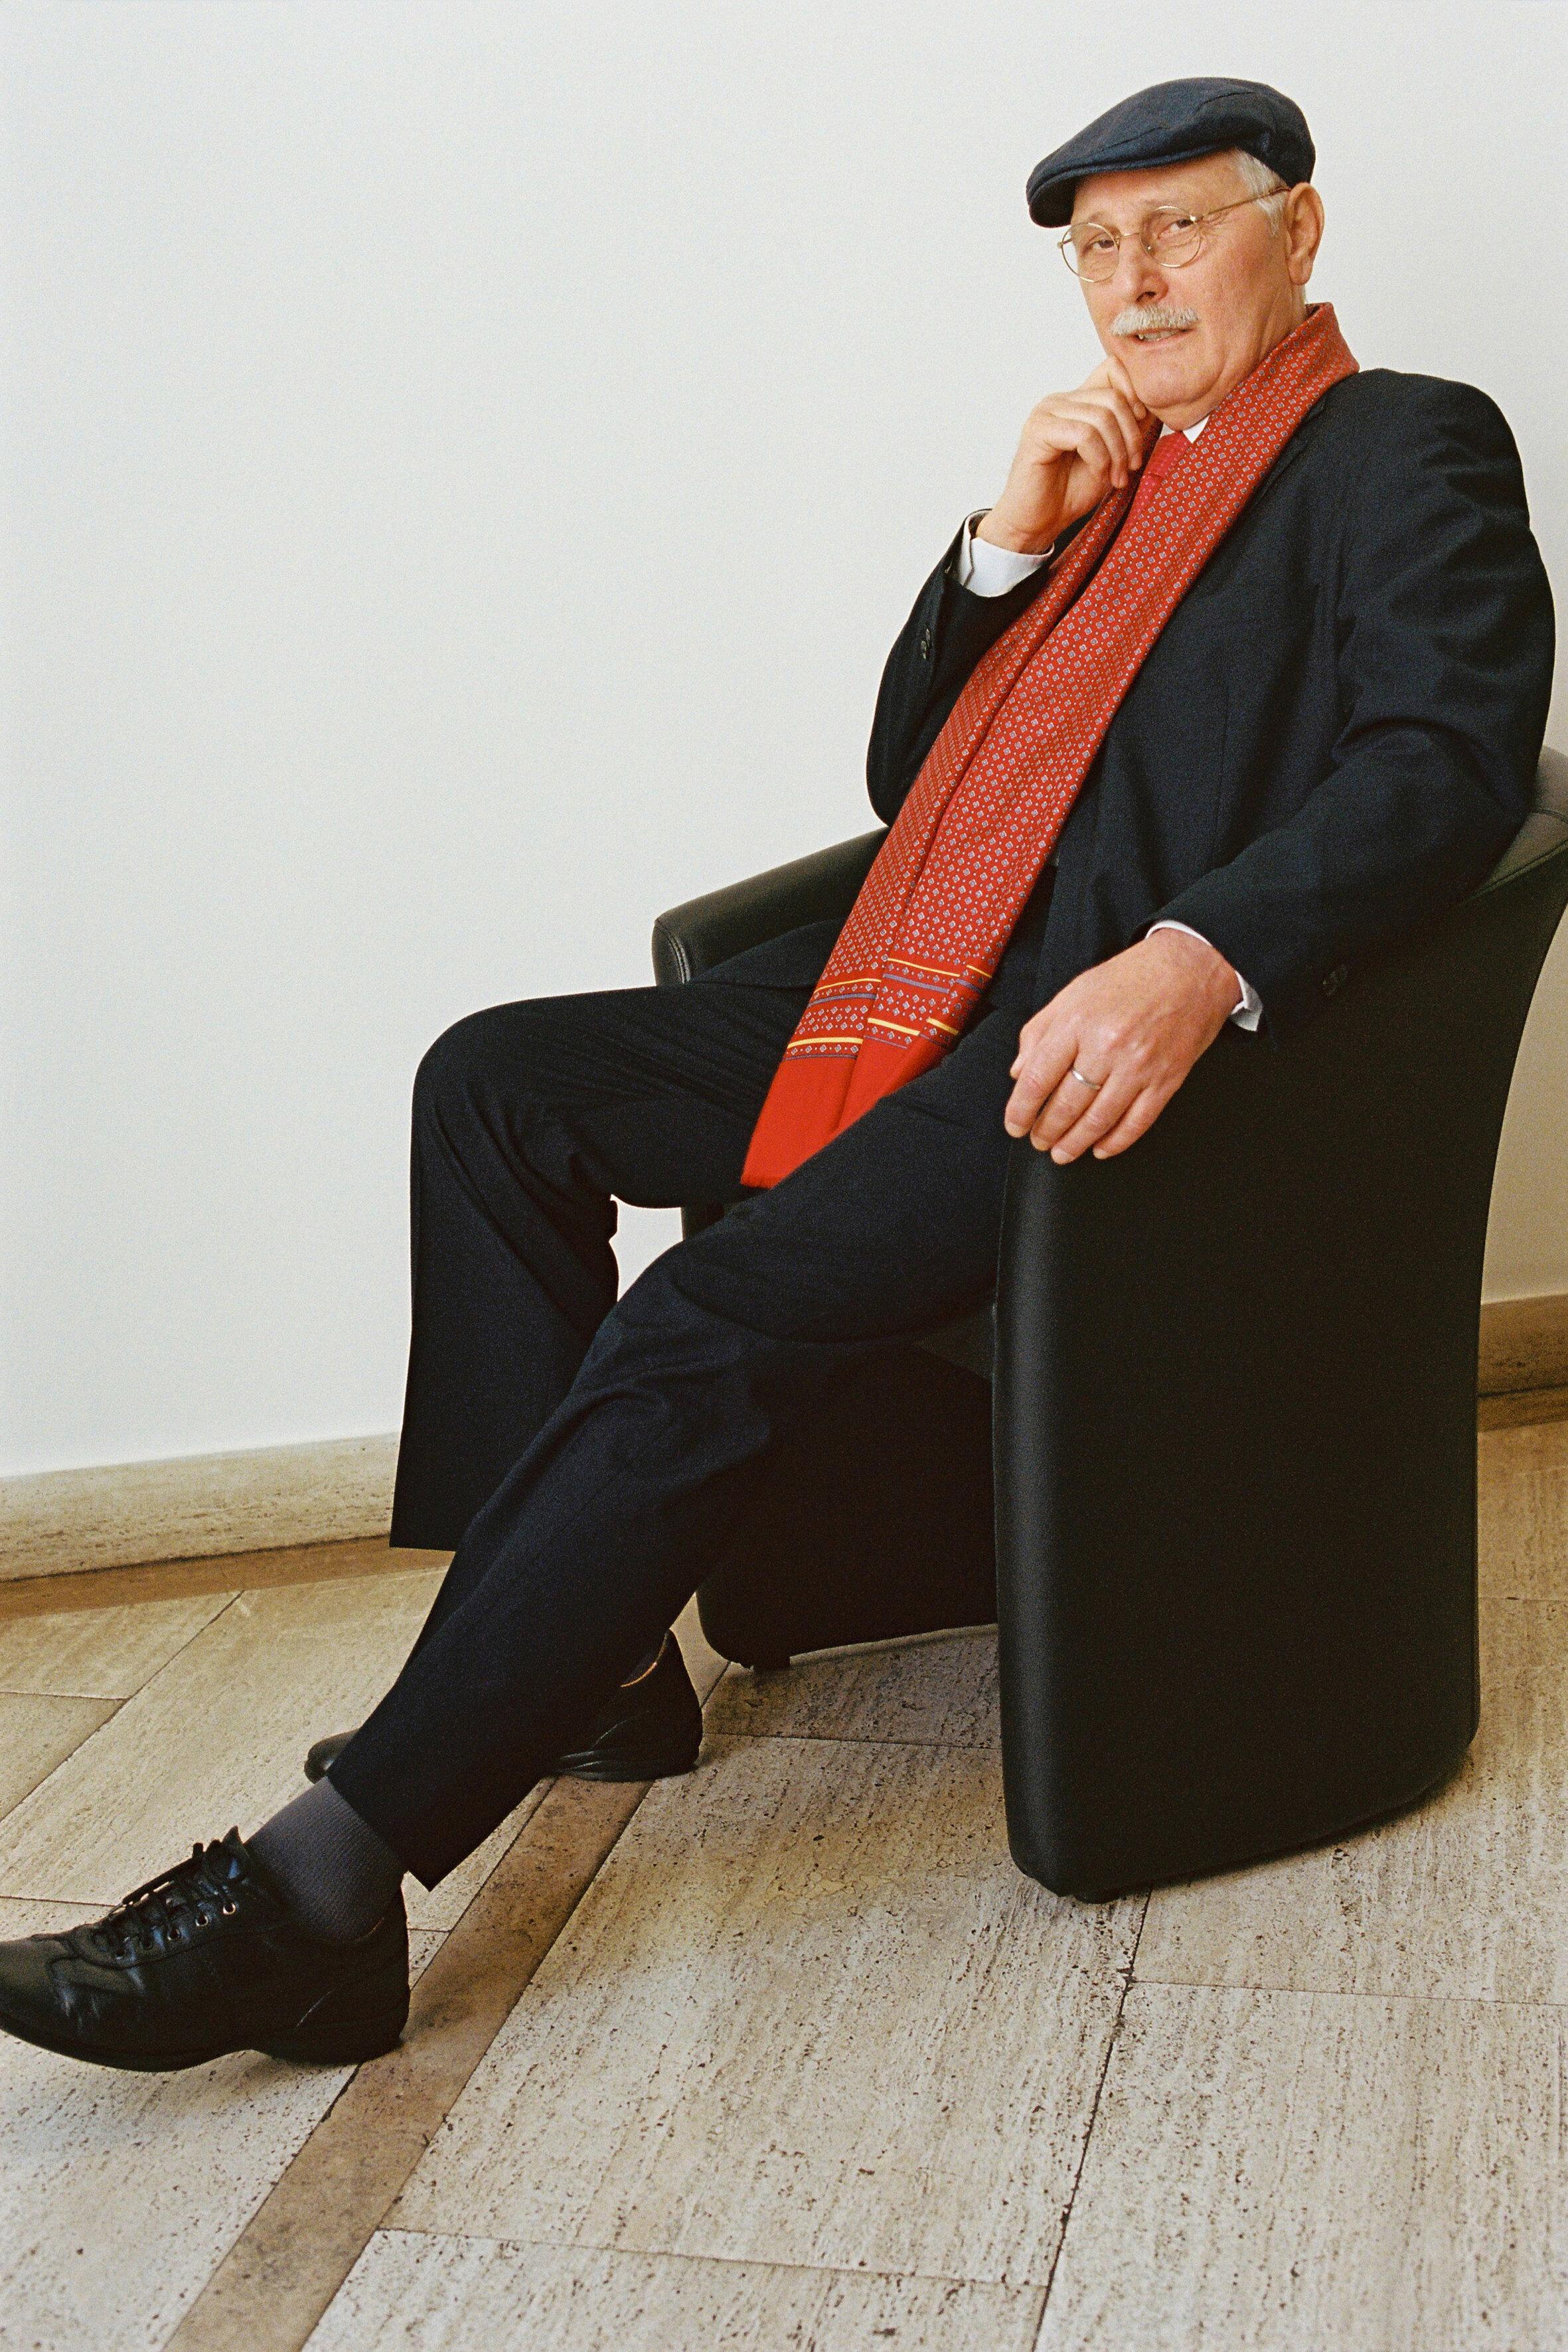 Antonio Pennacchi andrà al Salone del Libro: